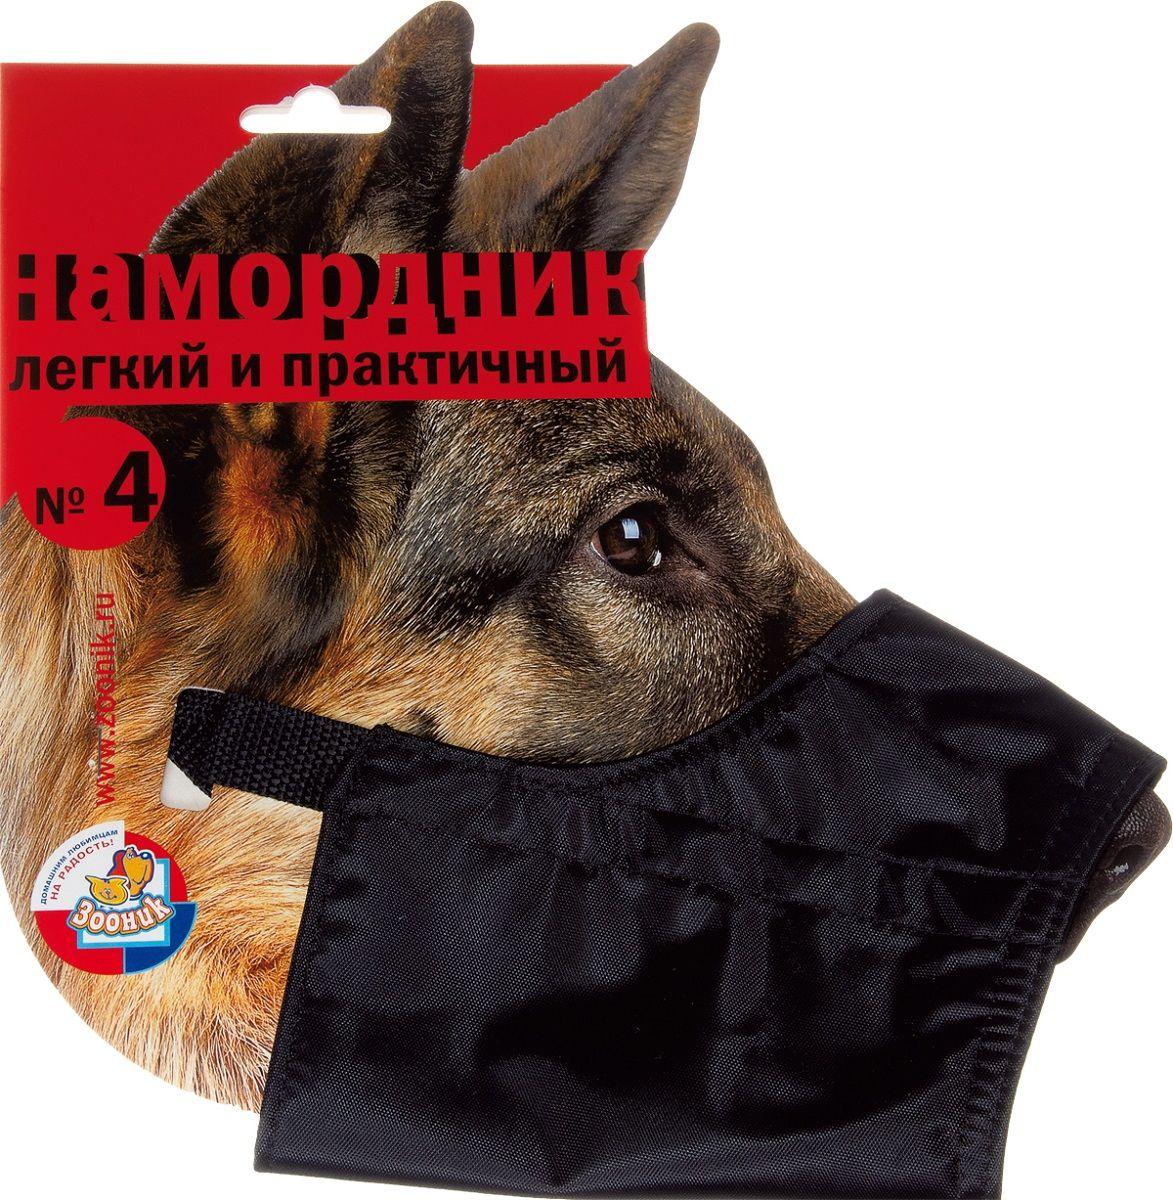 Намордник для собак Зооник №4, матерчатый,